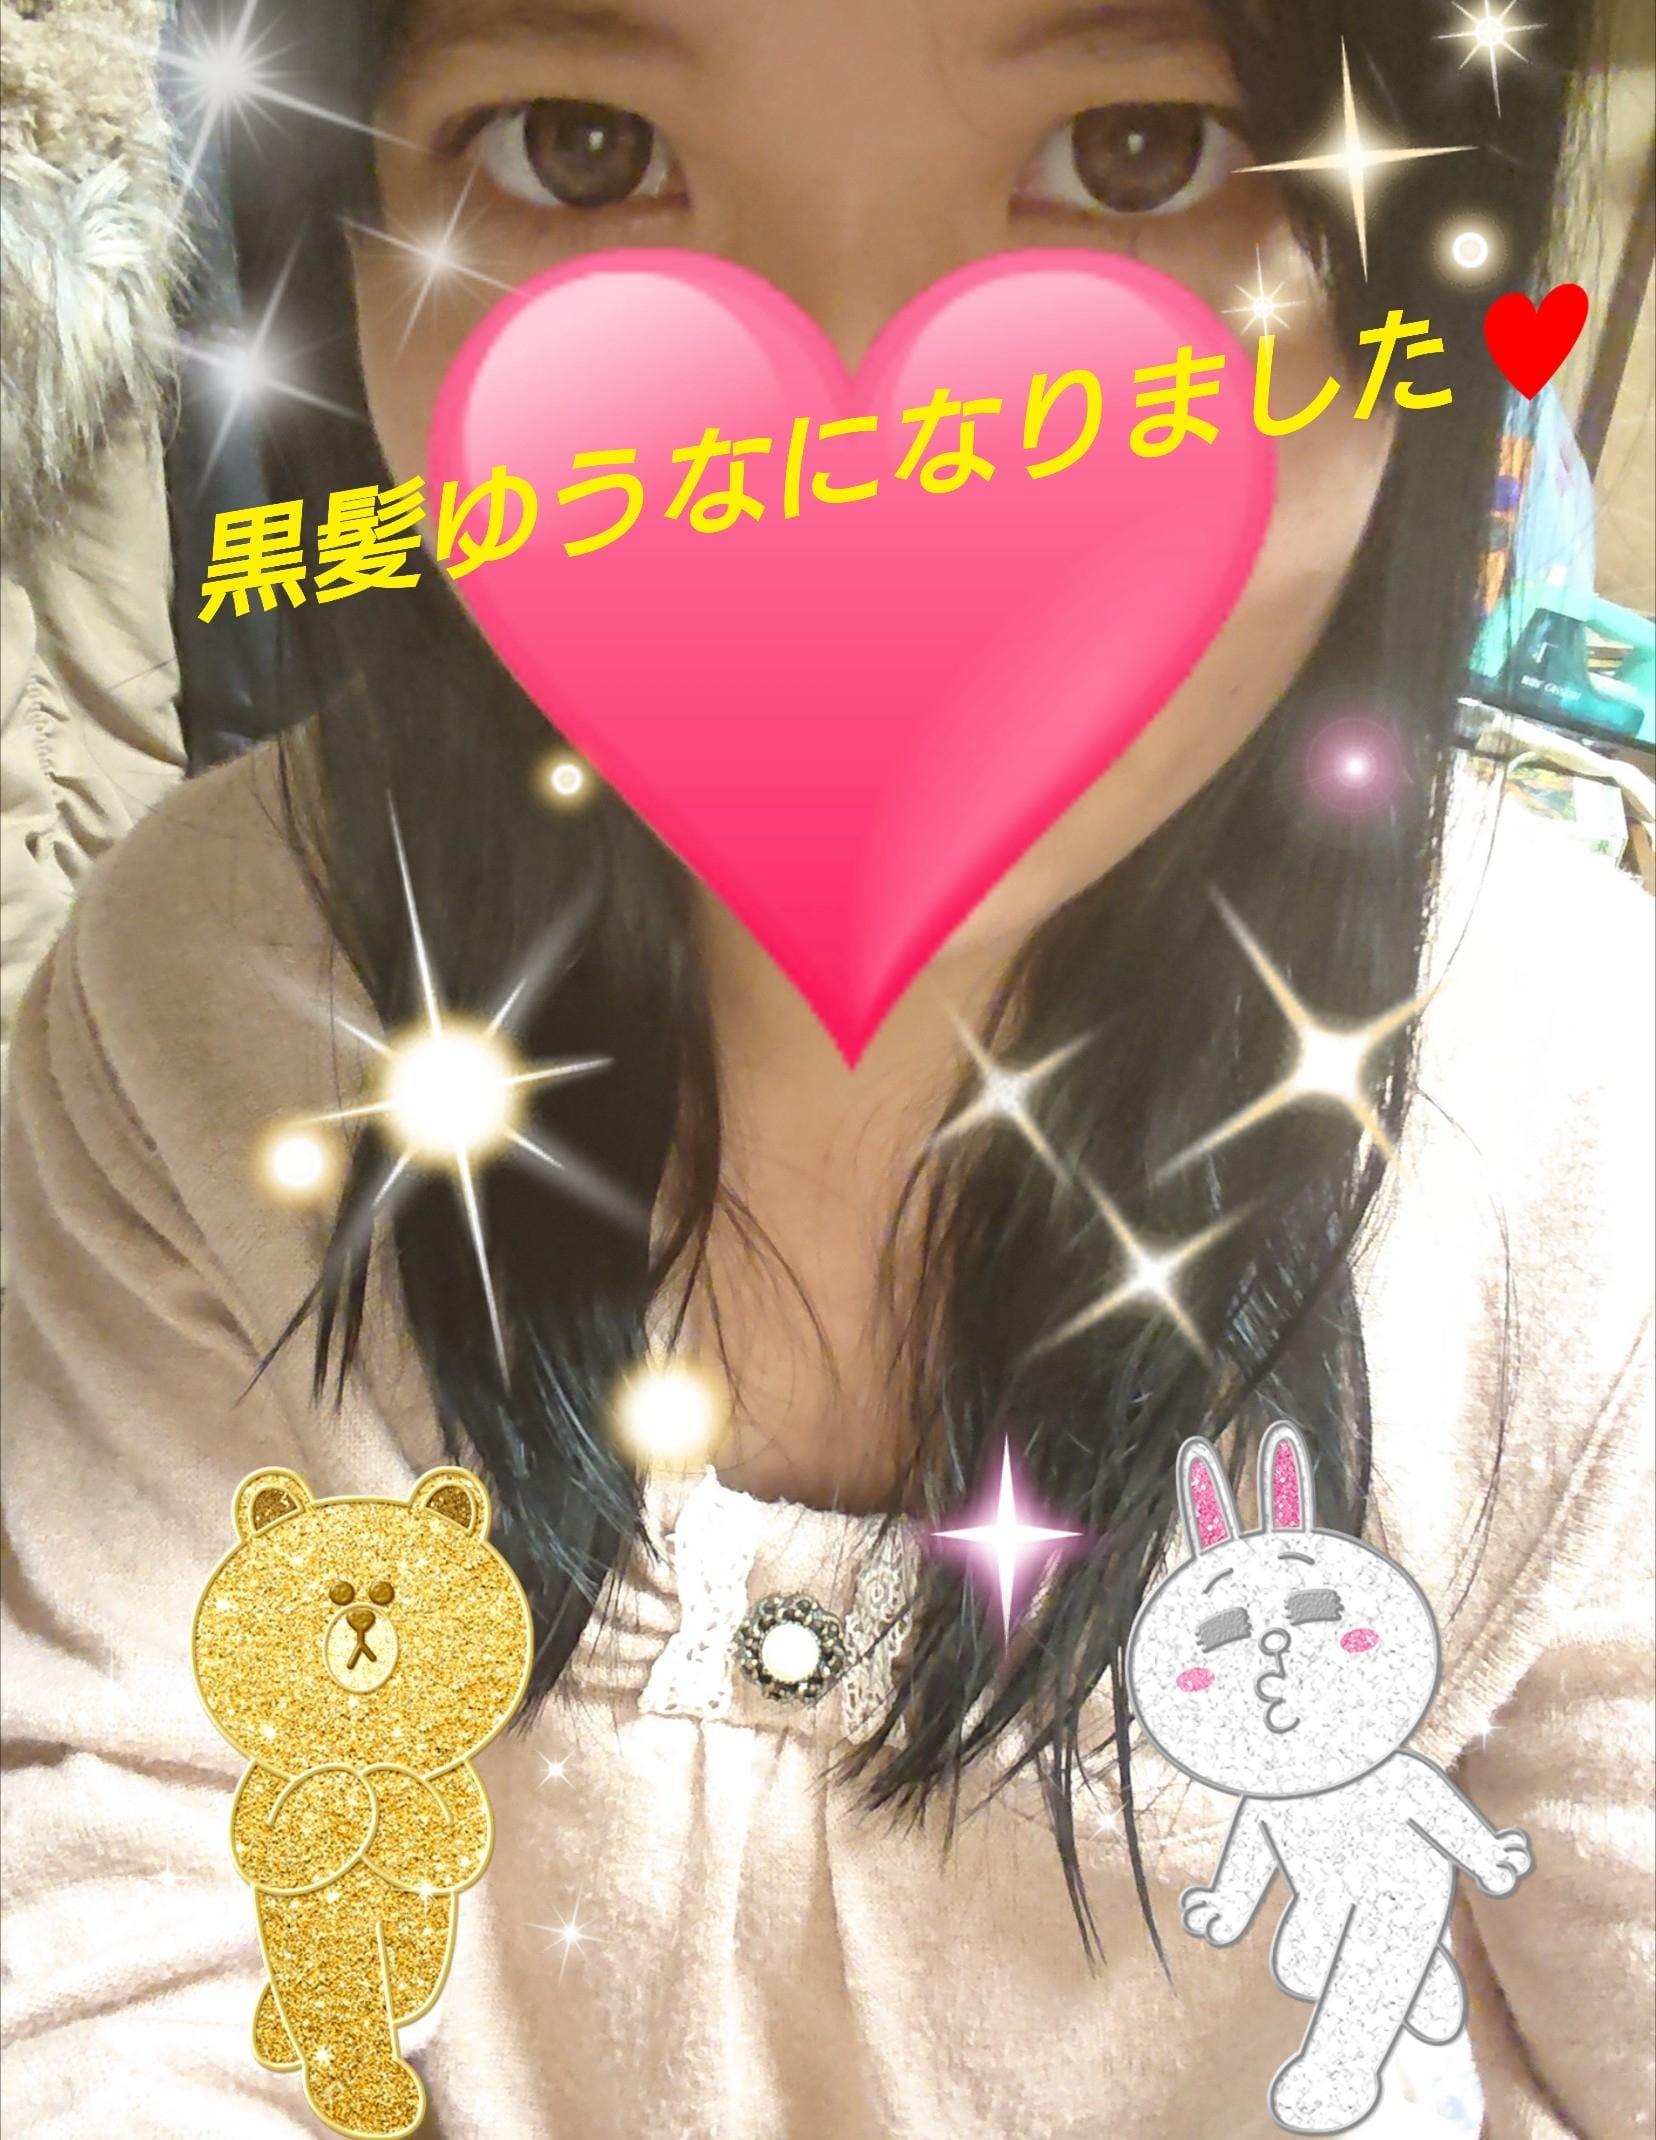 「黒髪ゆうなになりました!(笑)」11/16日(金) 09:05 | ゆうなの写メ・風俗動画